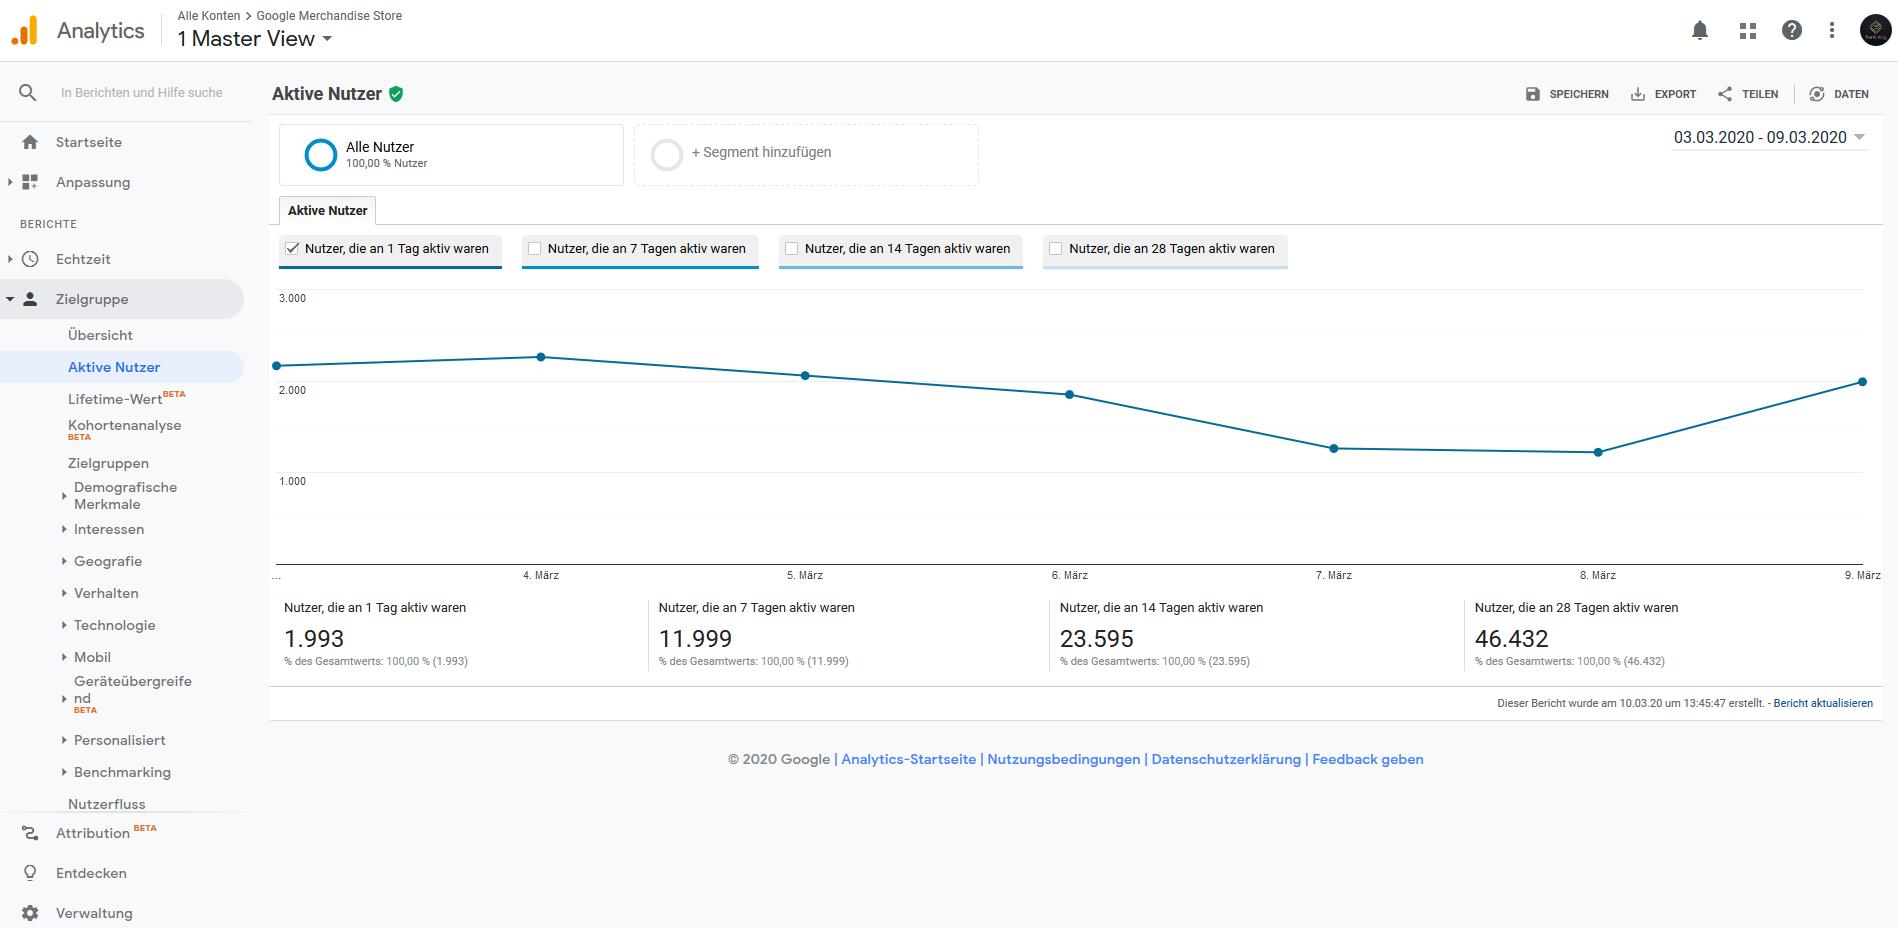 Analytics Aktive Nutzer